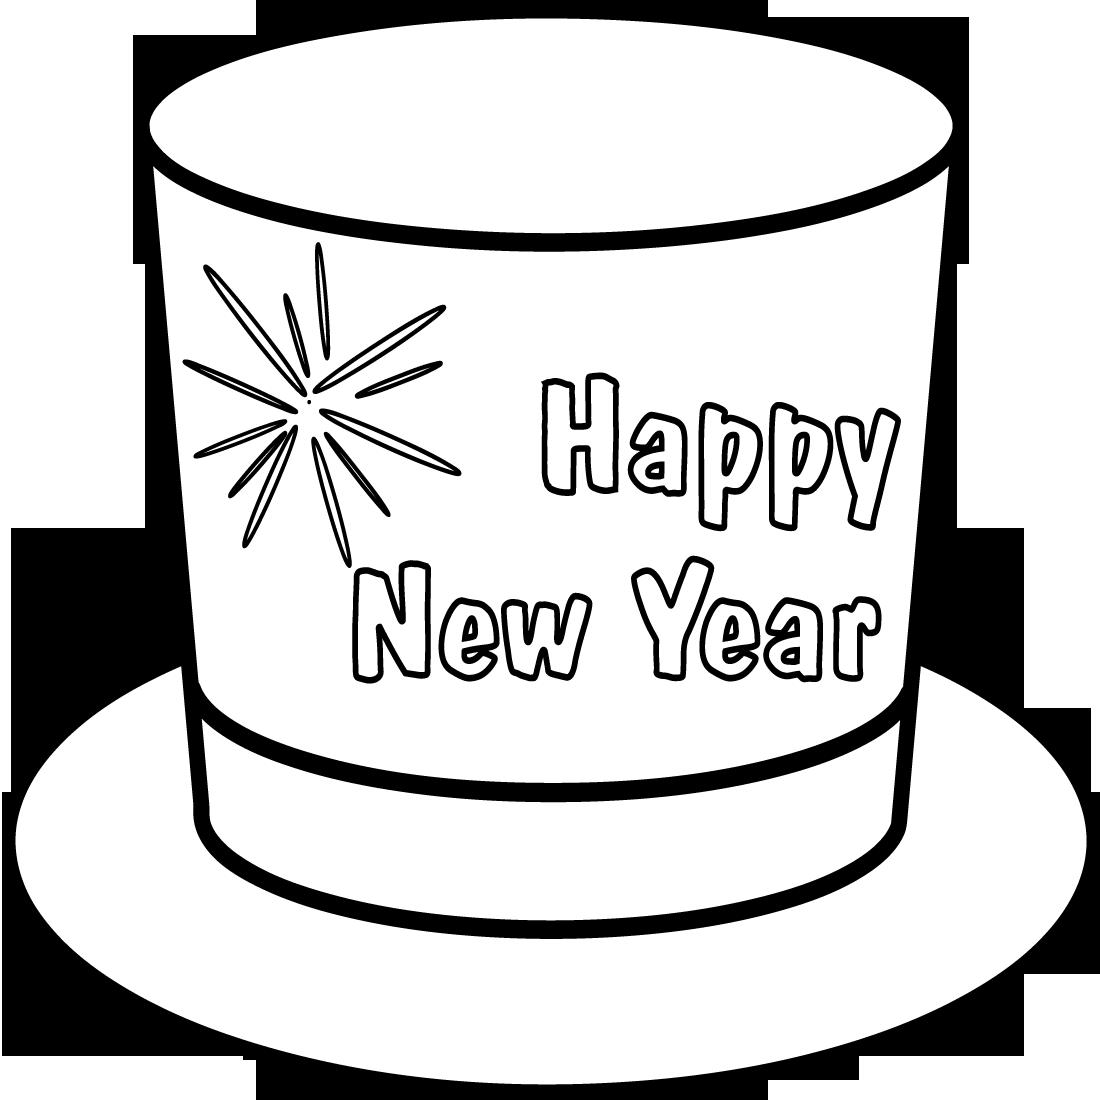 New Year Resource 1st 3rd Class Muinteoir Valerie